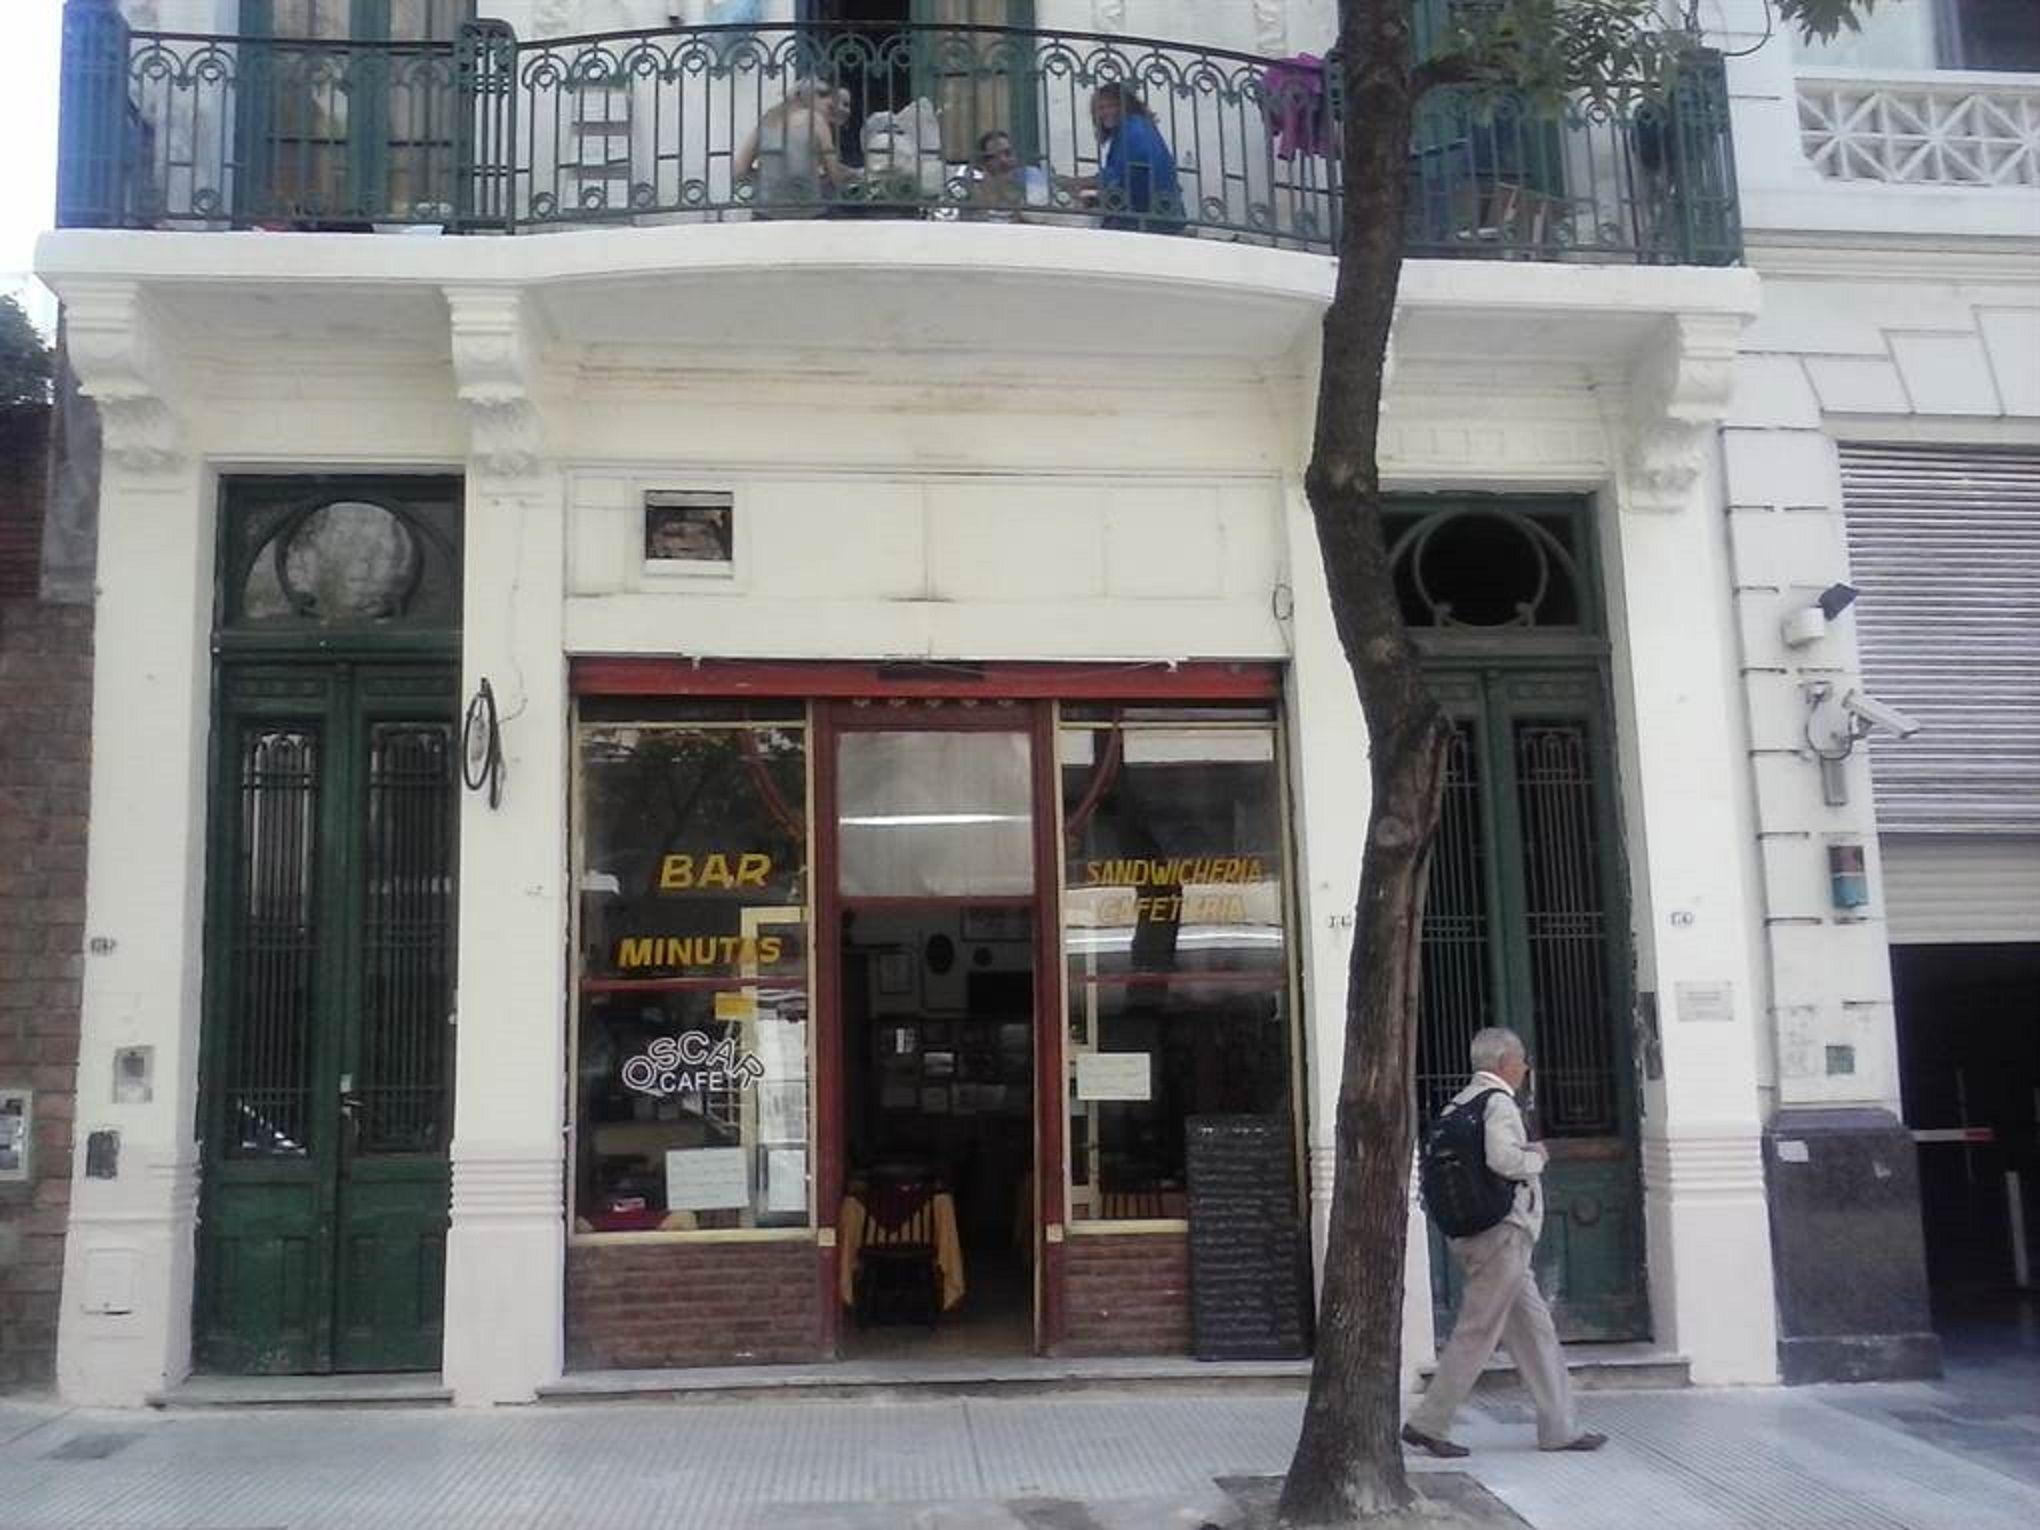 Una calle porteña se convertirá en una obra de arte para homenajear a Marcel Duchamp